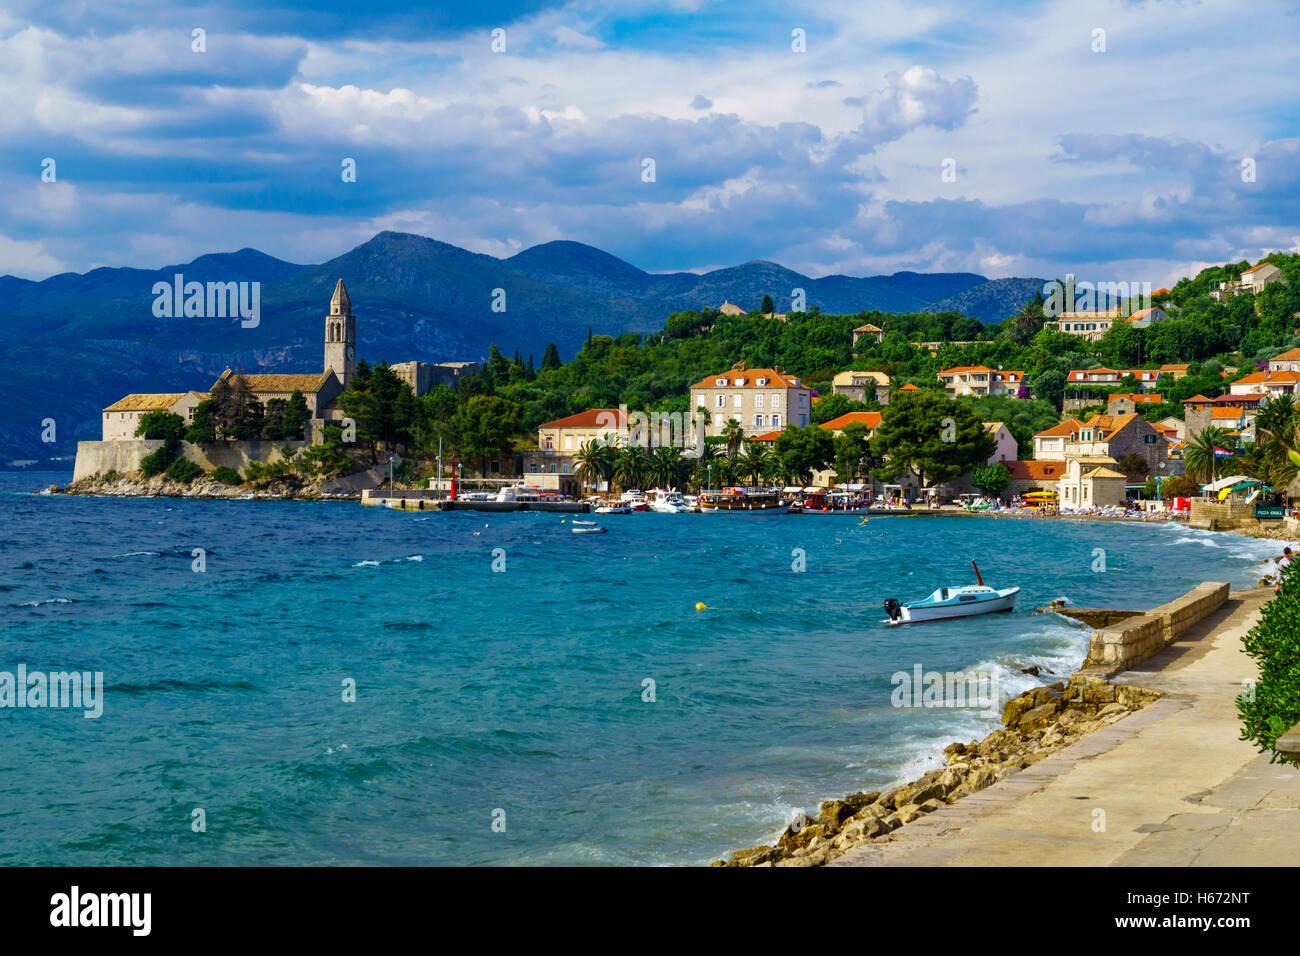 LOPUD, Croatie - 27 juin 2015: Scène du port de pêche et de la plage, avec le Monastère Franciscain, Photo Stock